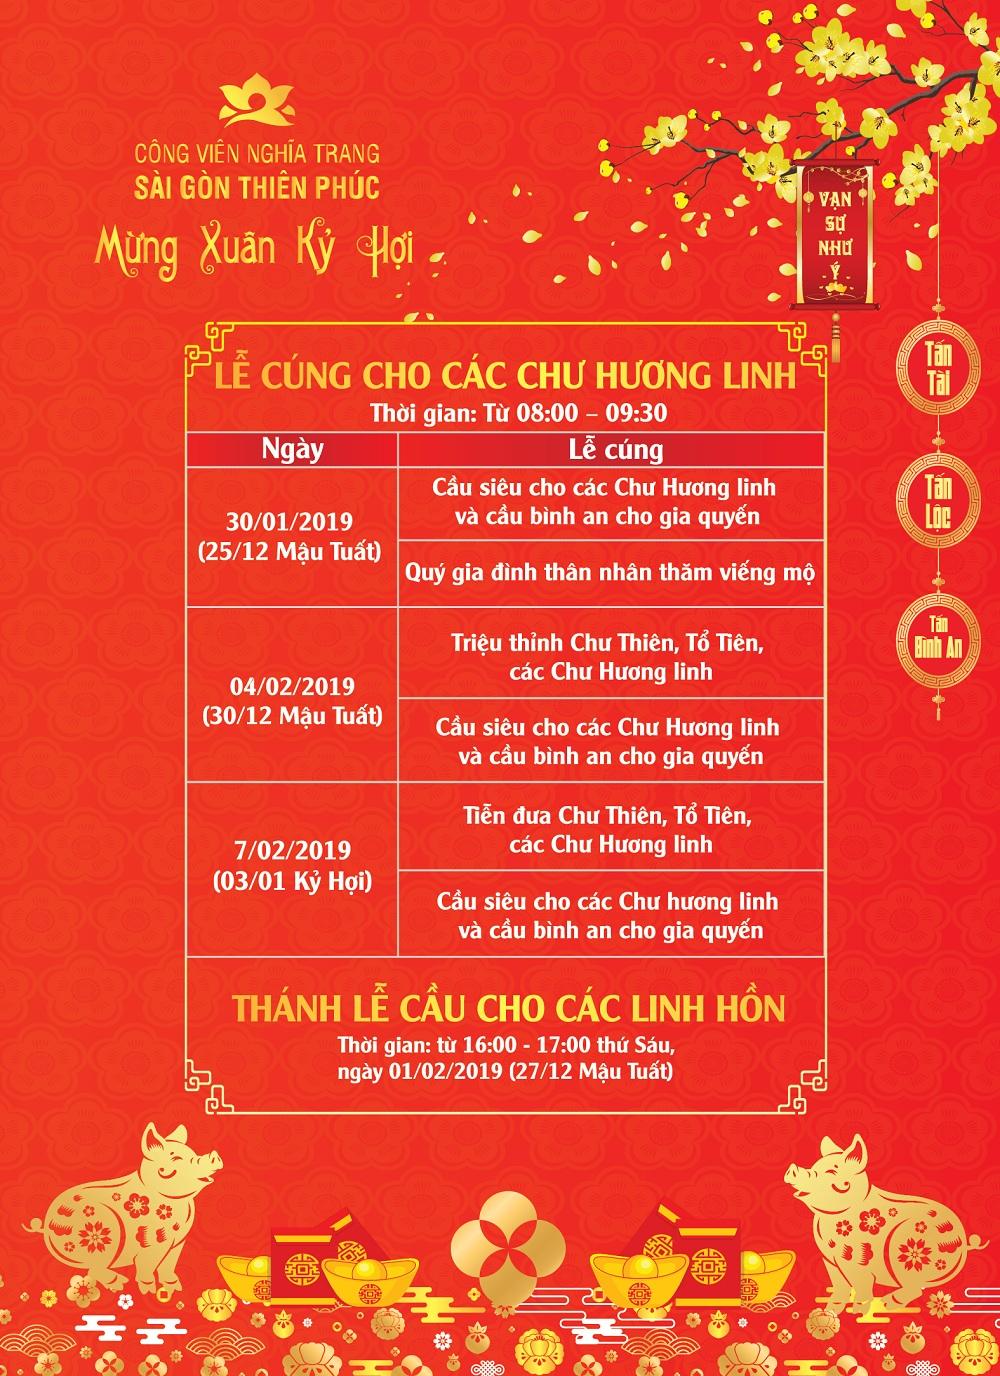 Chuong-trinh-le-tao-mo-tet-2019